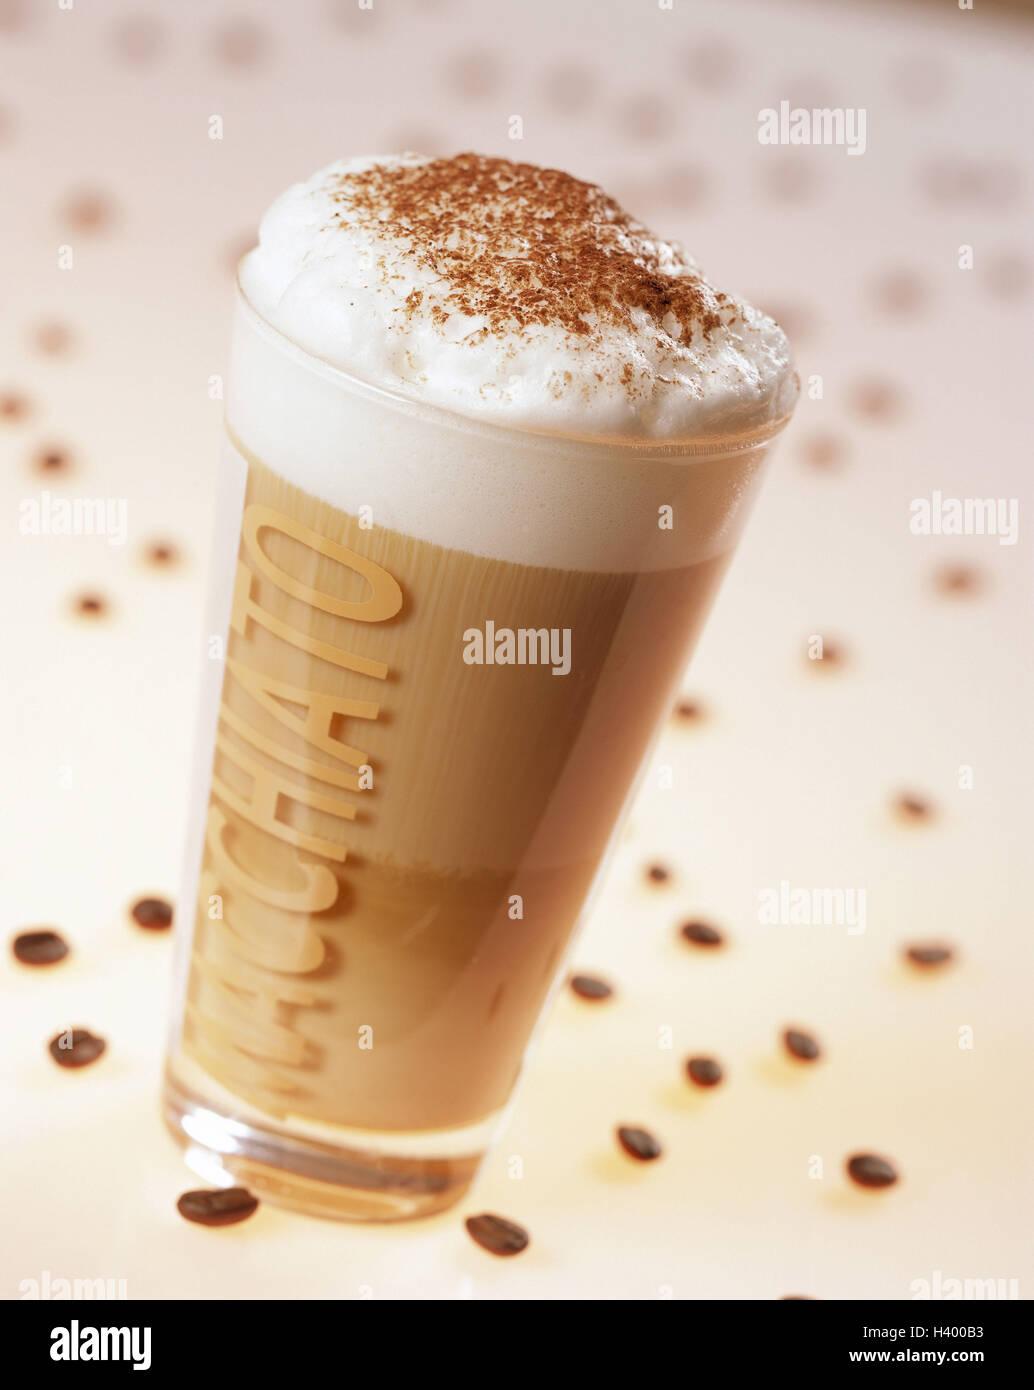 Glas, Latte Macchiato, Kaffee Bohnen essen, Luxus, Getränk ...